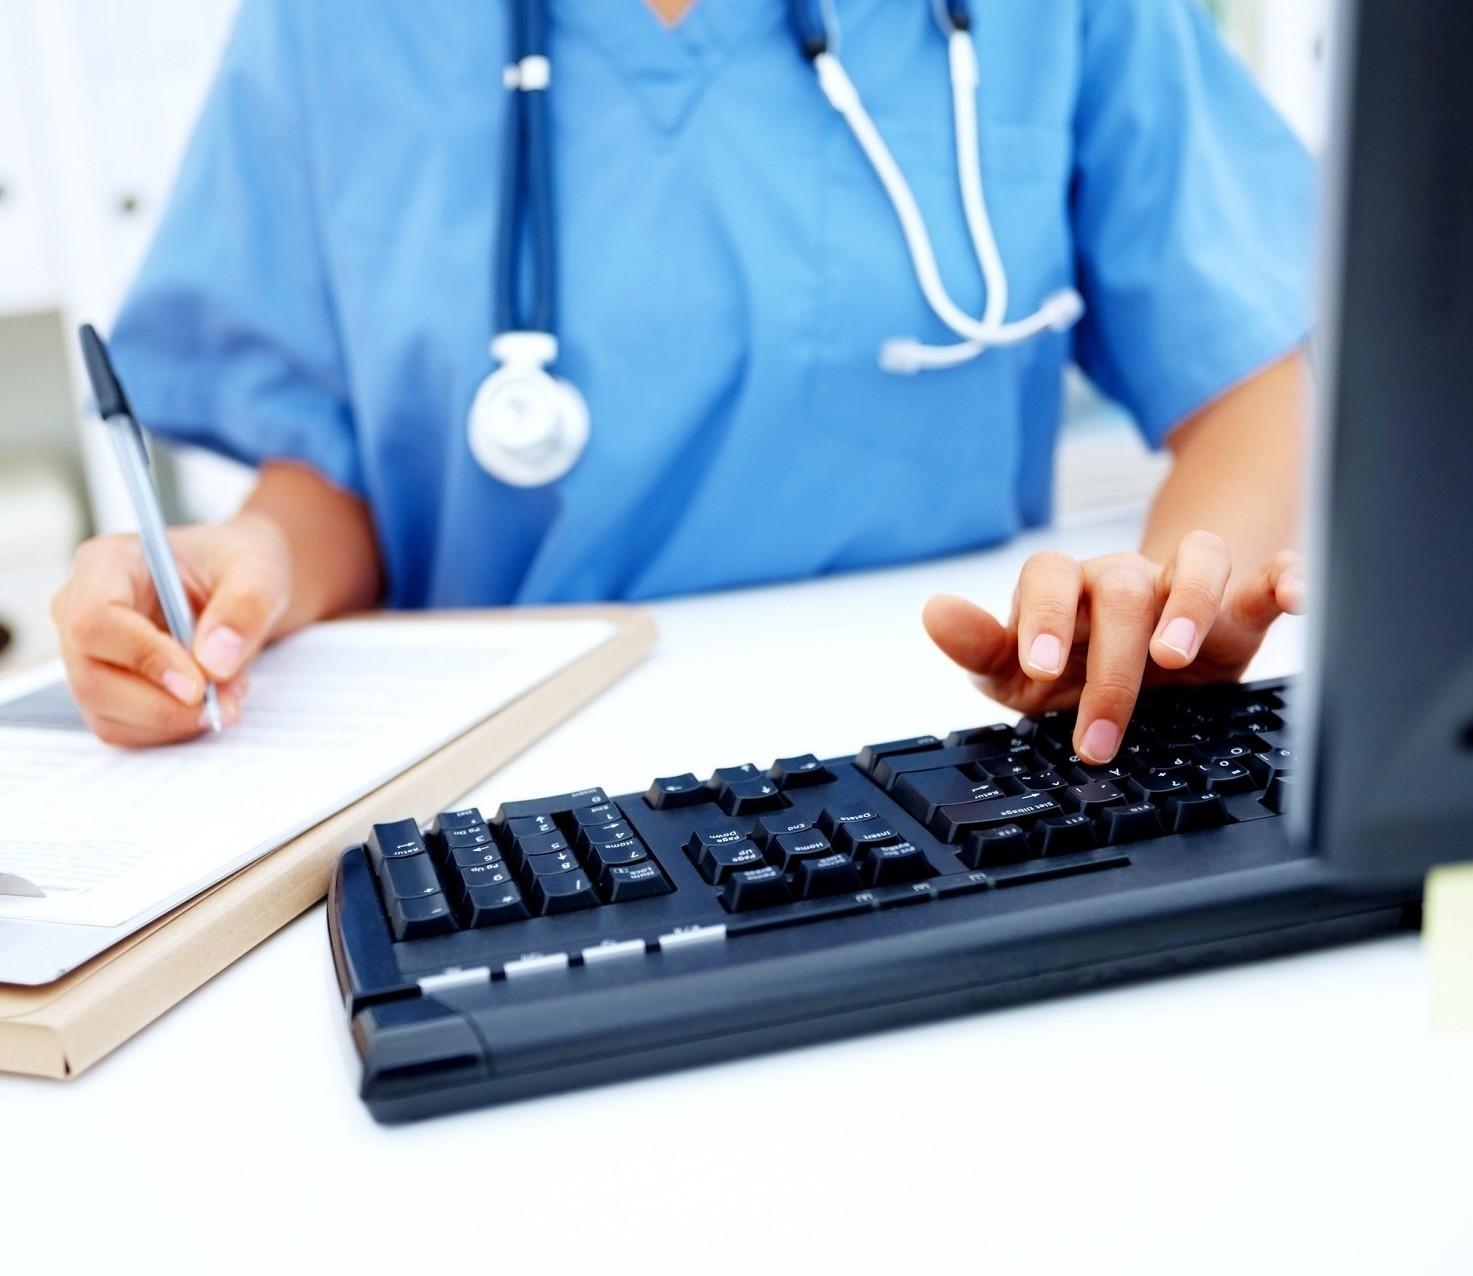 Contratto infermieri privati 2020 orari, turni e riposo, lavoro di notte, reperibilità